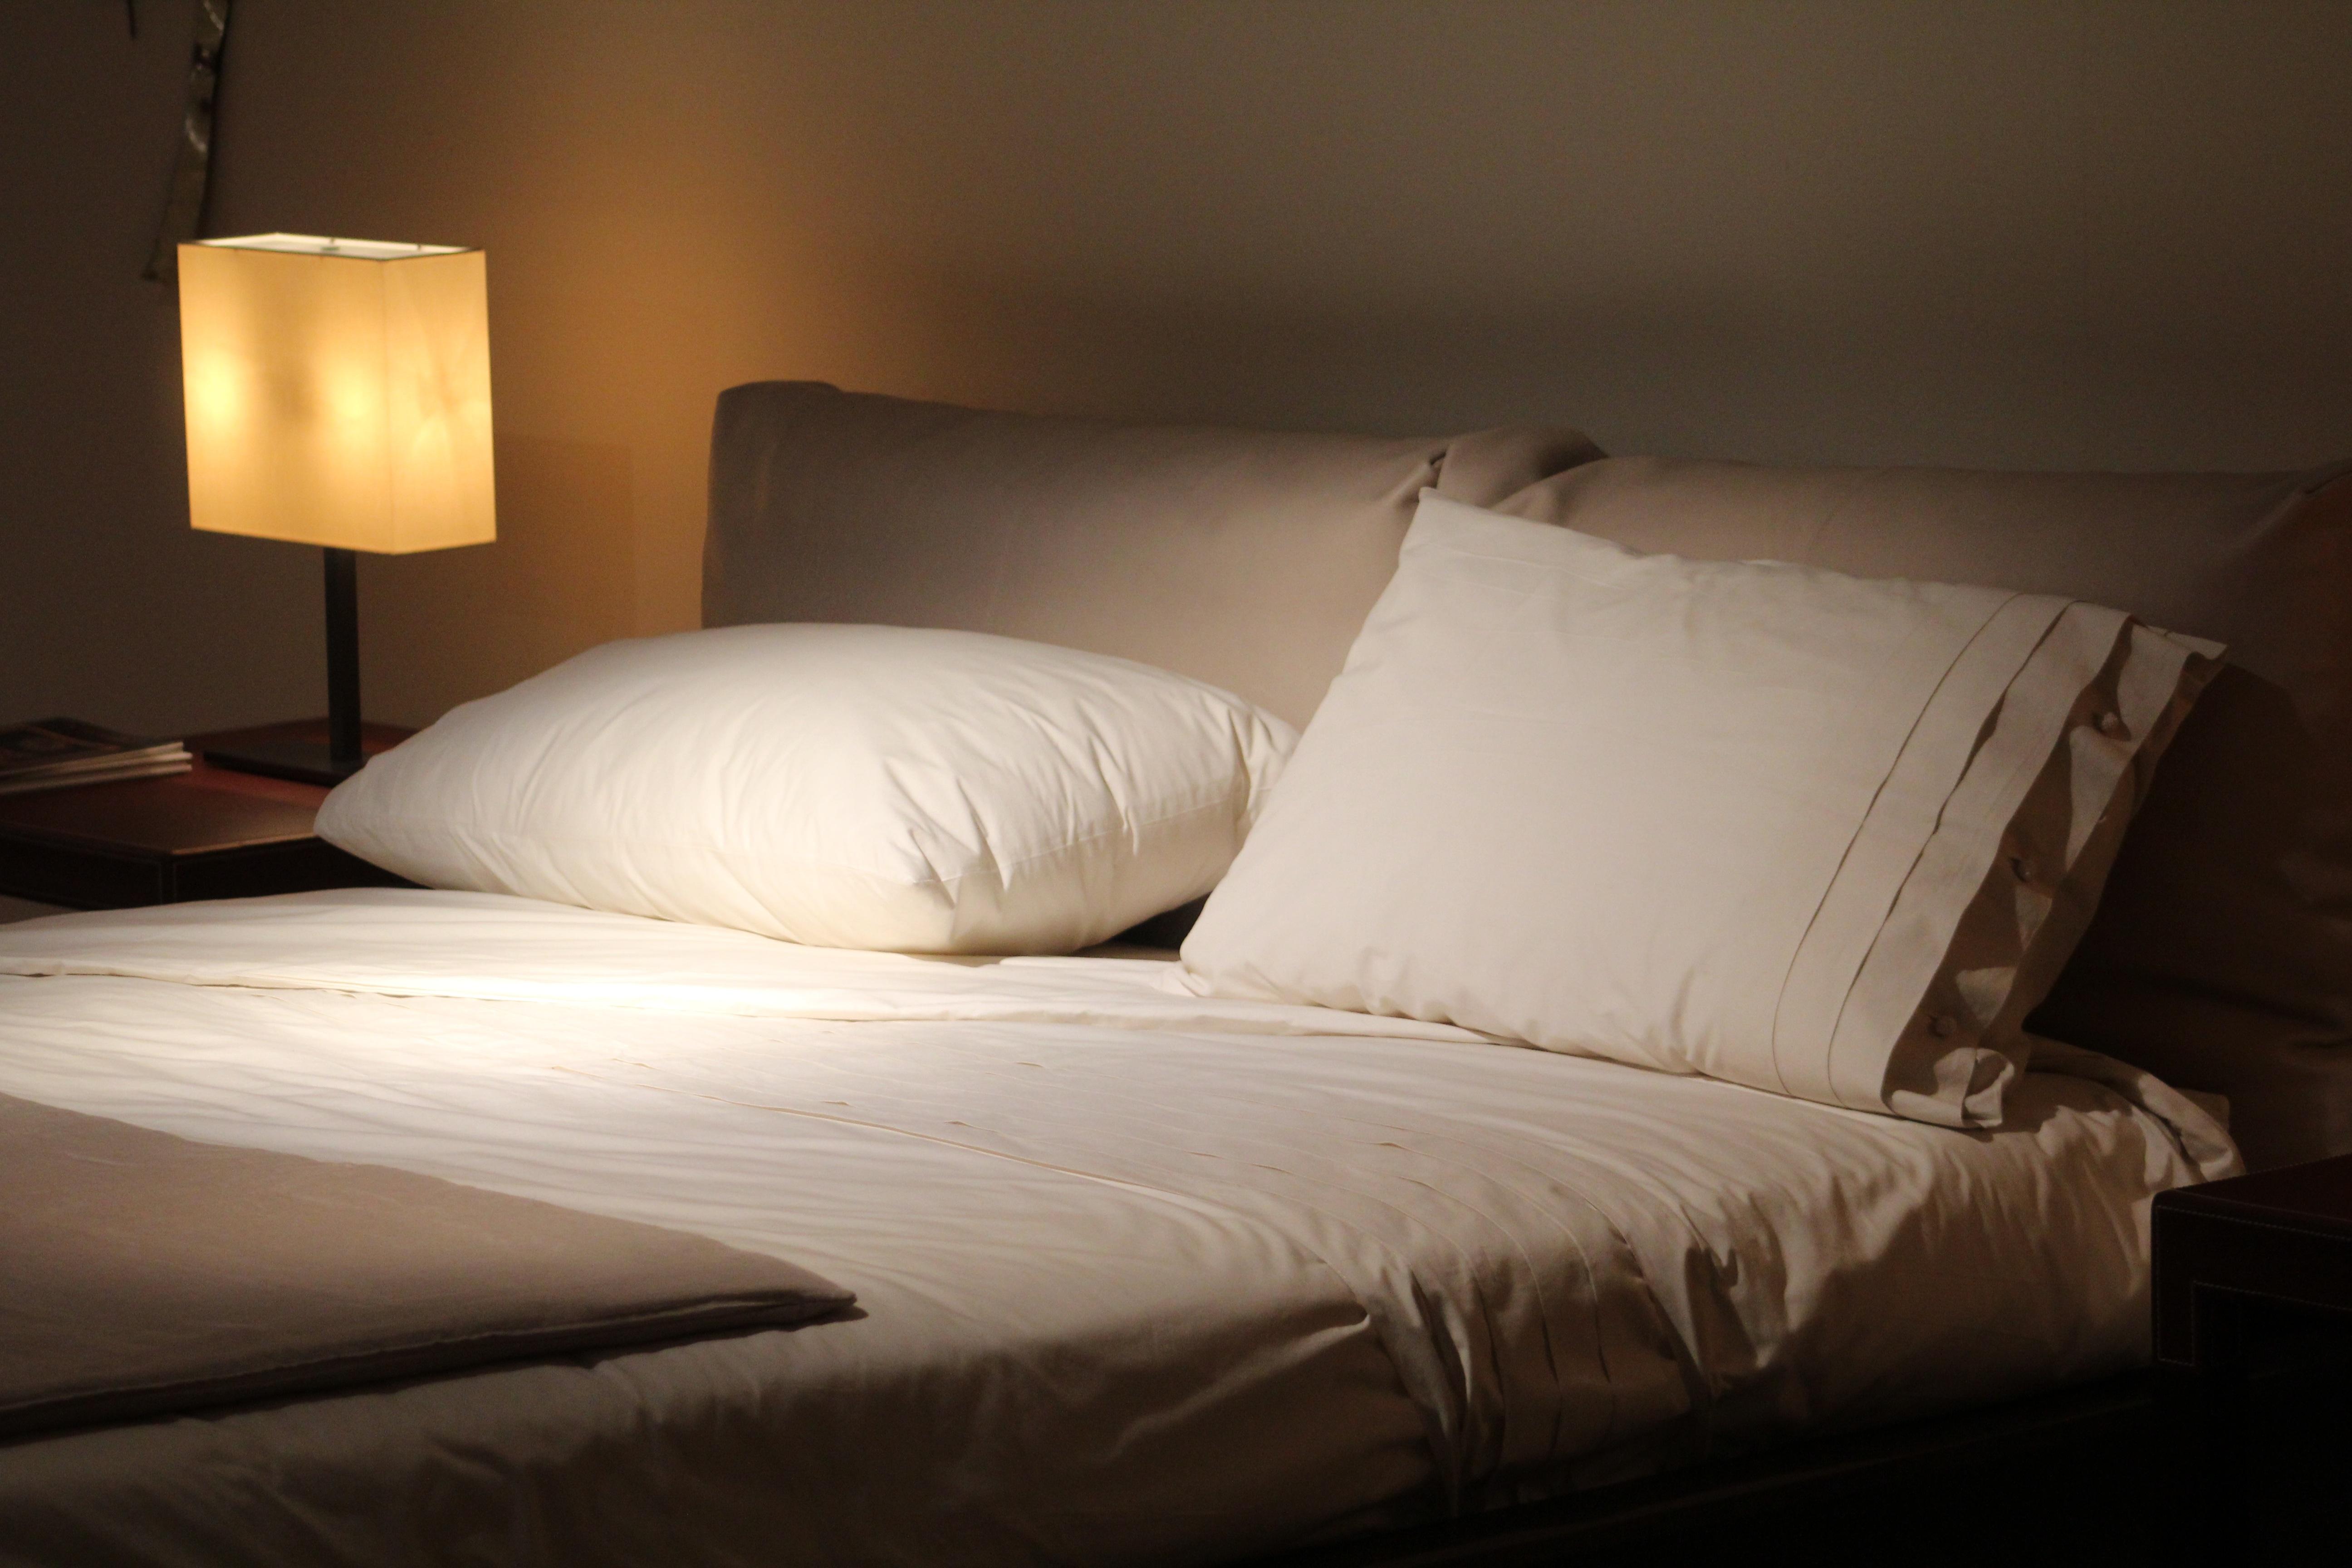 Fotos gratis : leer, piso, descanso, mueble, habitación, Cuarto ...